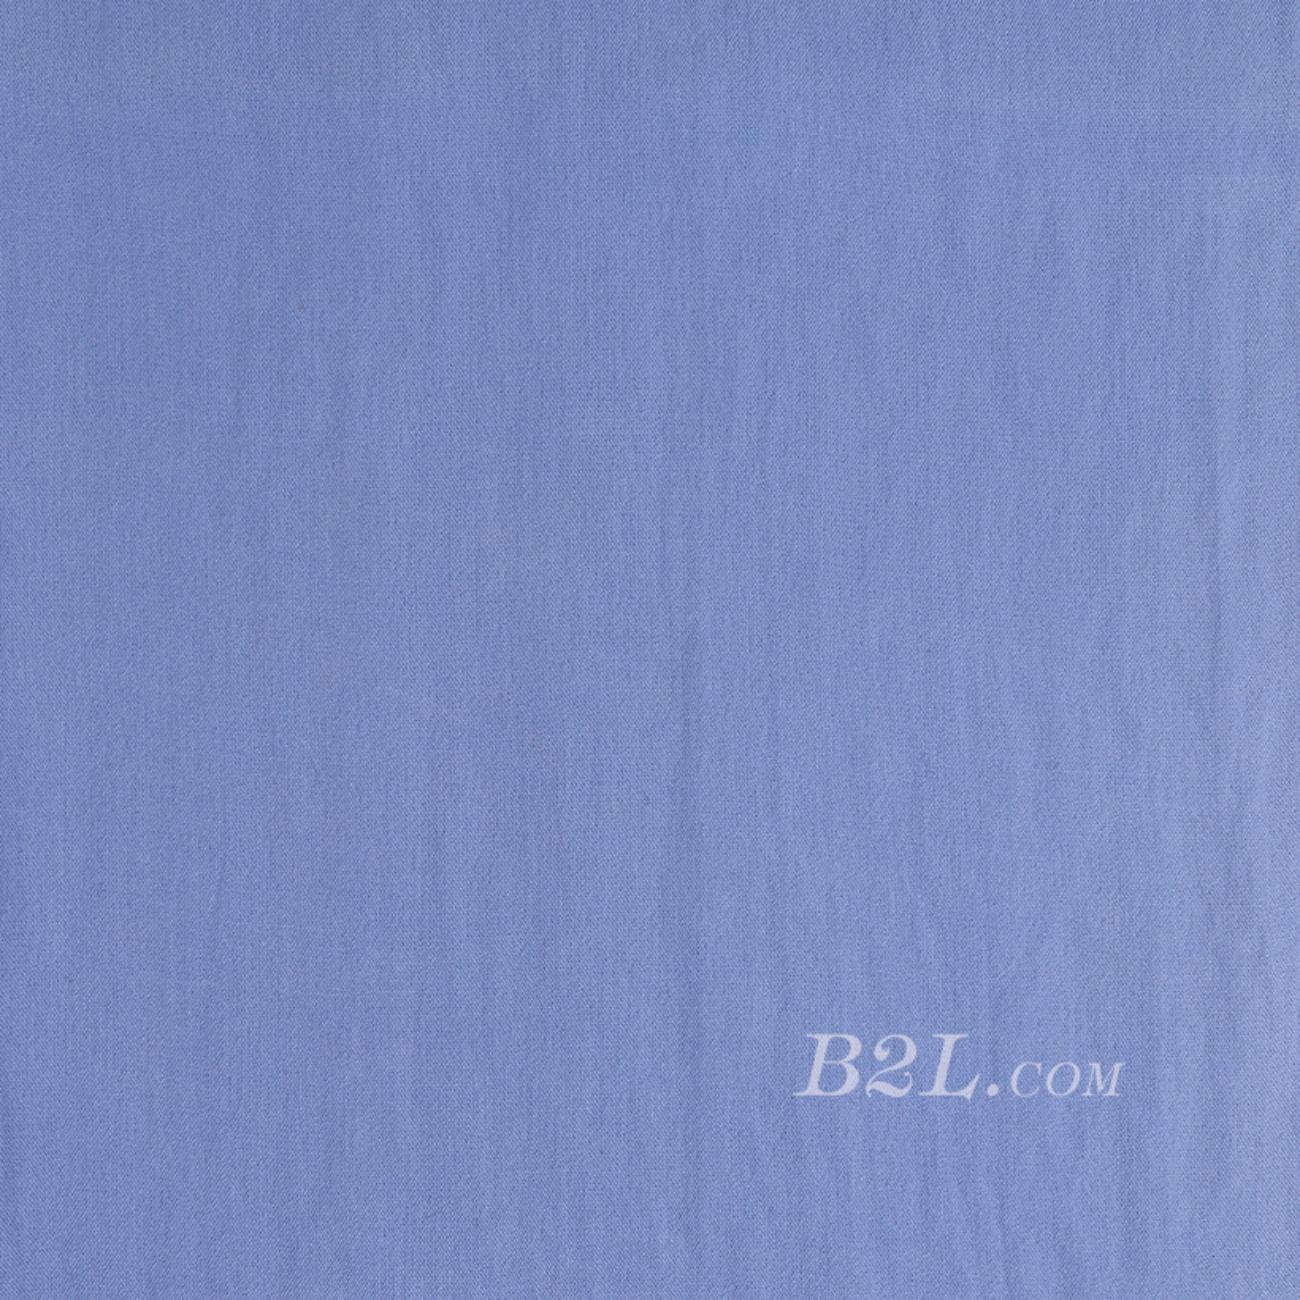 平纹梭织素色染色连衣裙 短裙 衬衫 无弹 春 秋 柔软 薄 麻感 70703-12